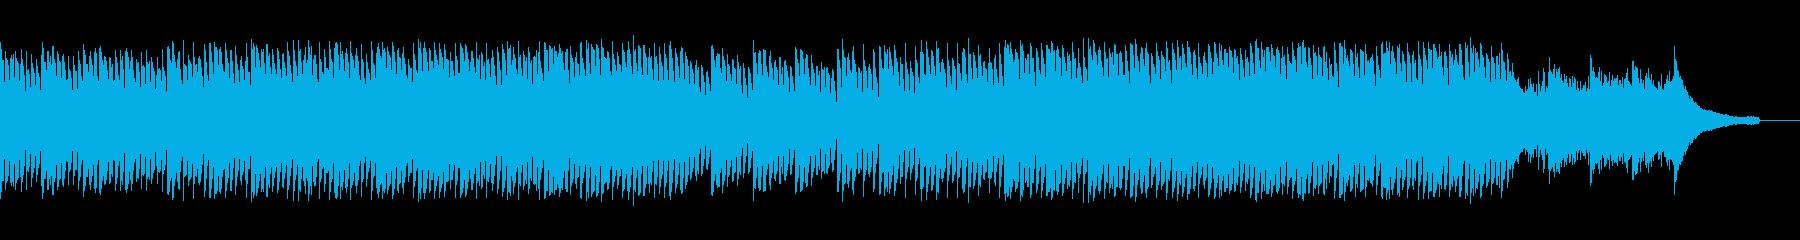 企業VP会社紹介 透明感爽やか疾走感A6の再生済みの波形